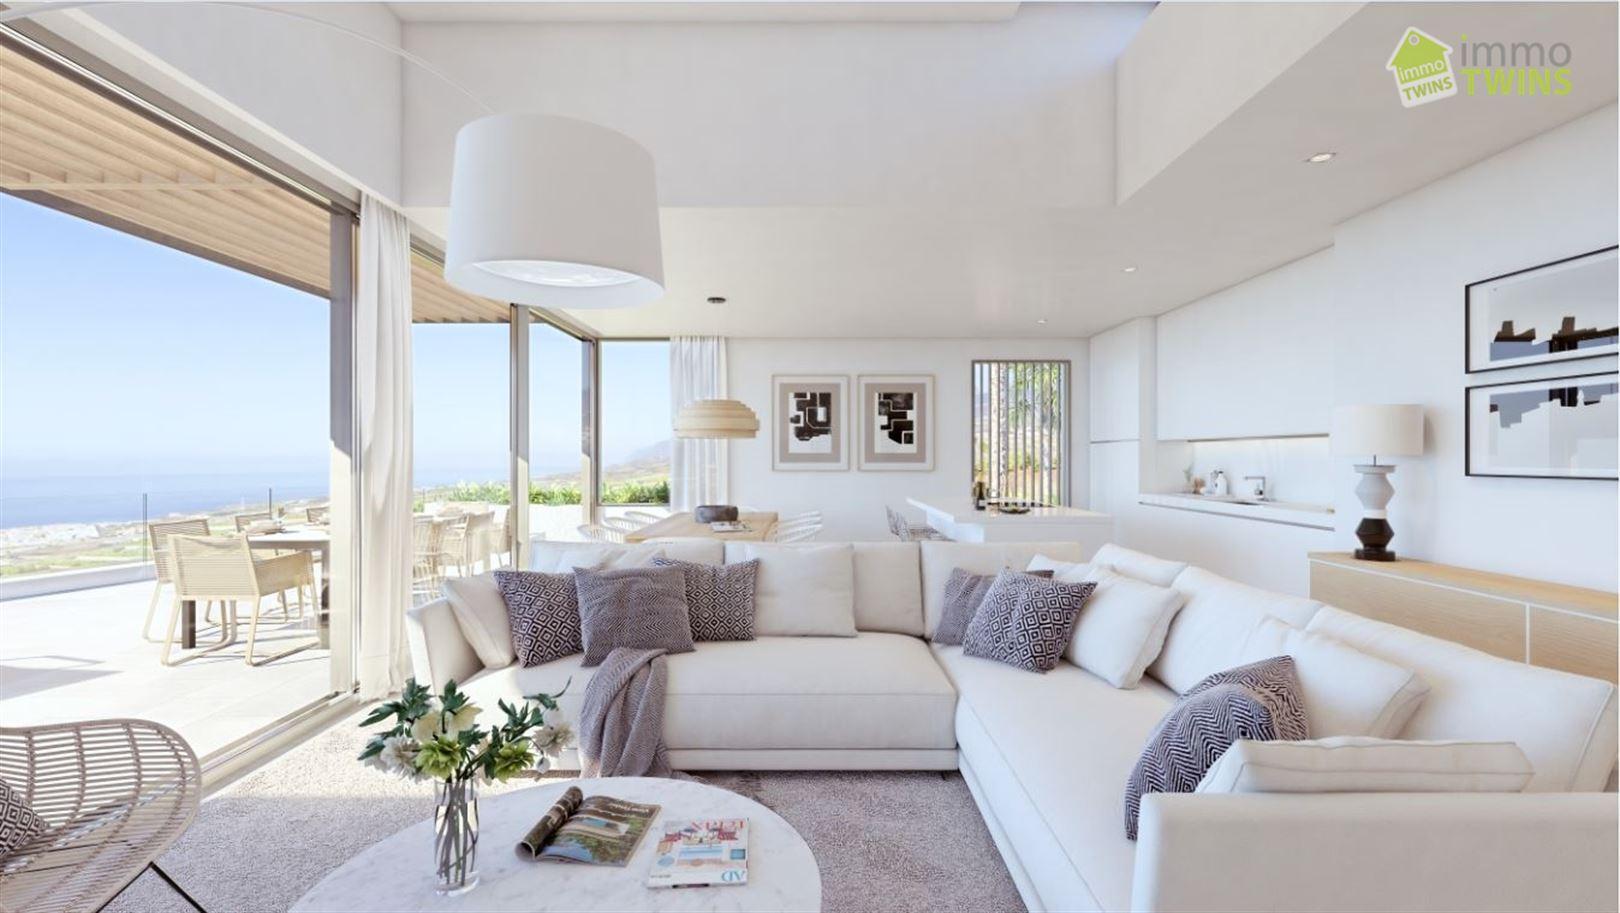 Foto 2 : Appartement te   (Spanje) - Prijs Prijs op aanvraag